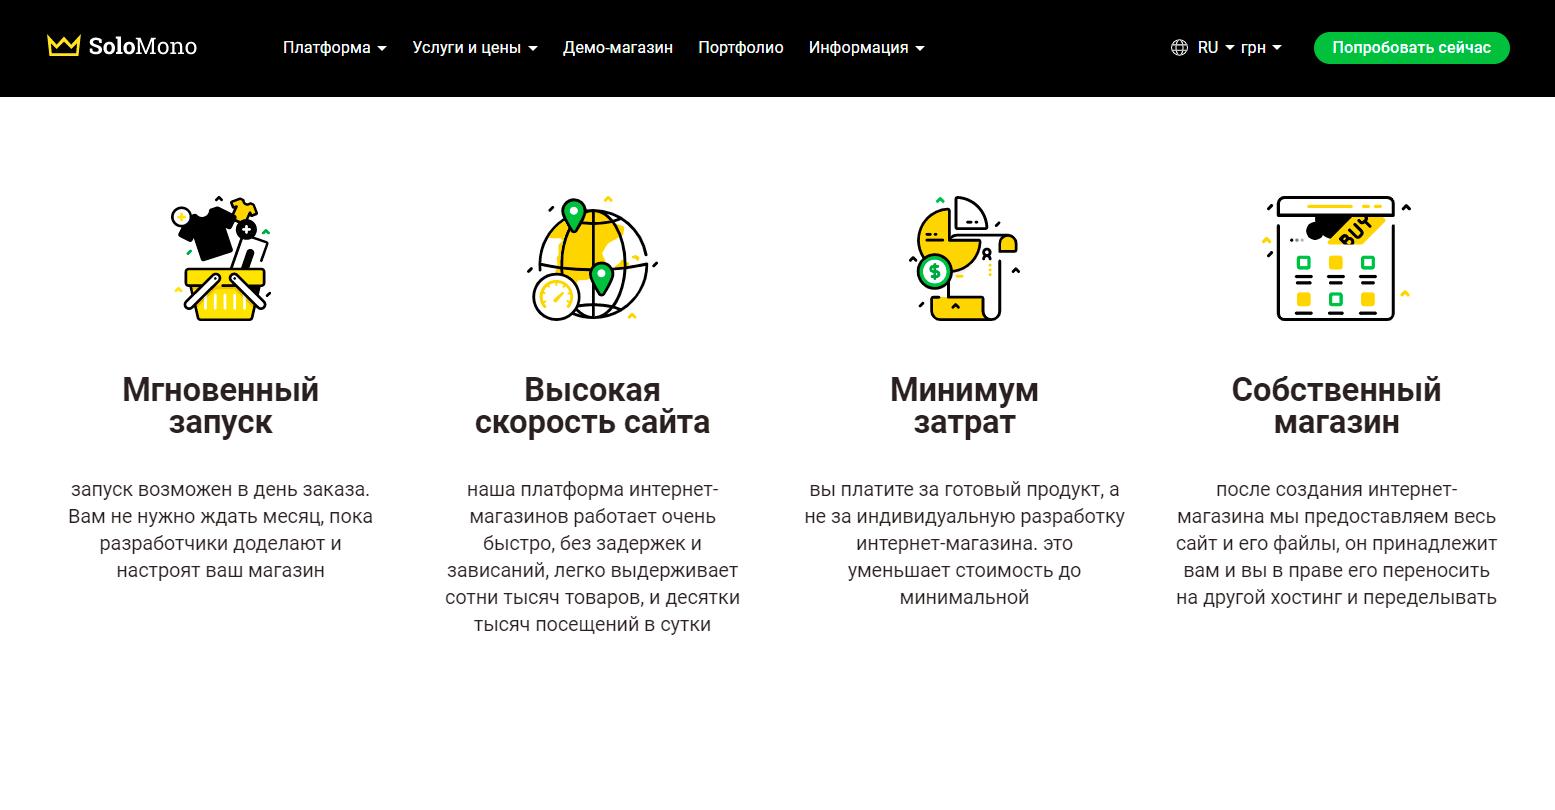 SoloMono - обзор компании, услуги, отзывы, клиенты, Фото № 2 - google-seo.pro